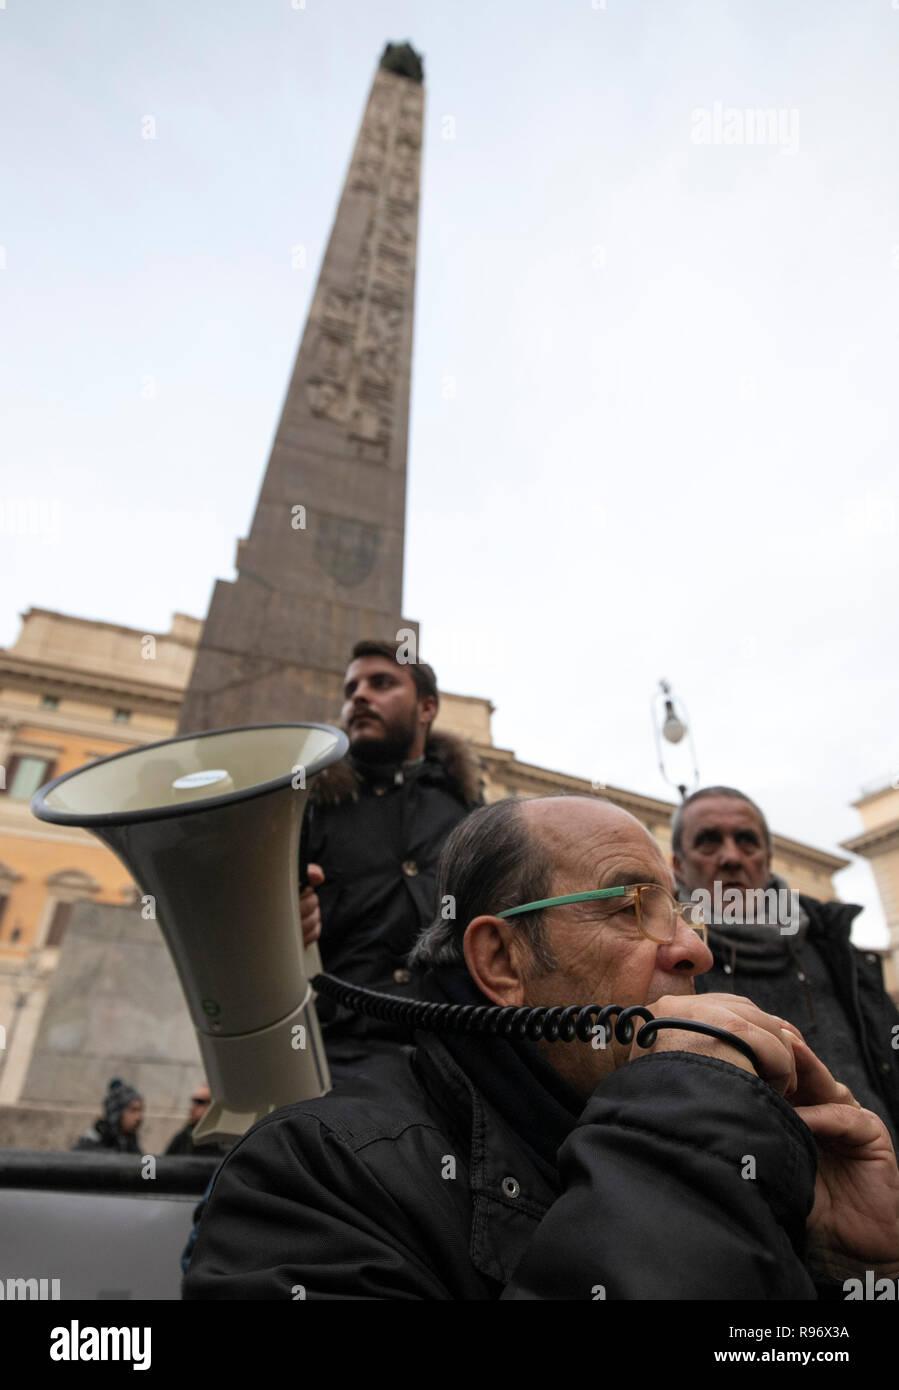 Foto Carlo Lannutti/LaPresse 20- 12 - 2018 Roma, Italia Cronaca.  Autisti NCC protesta a Montecitorio contro la nuova normativa  Nella foto: La Protesta davanti Montecitorio - Stock Image